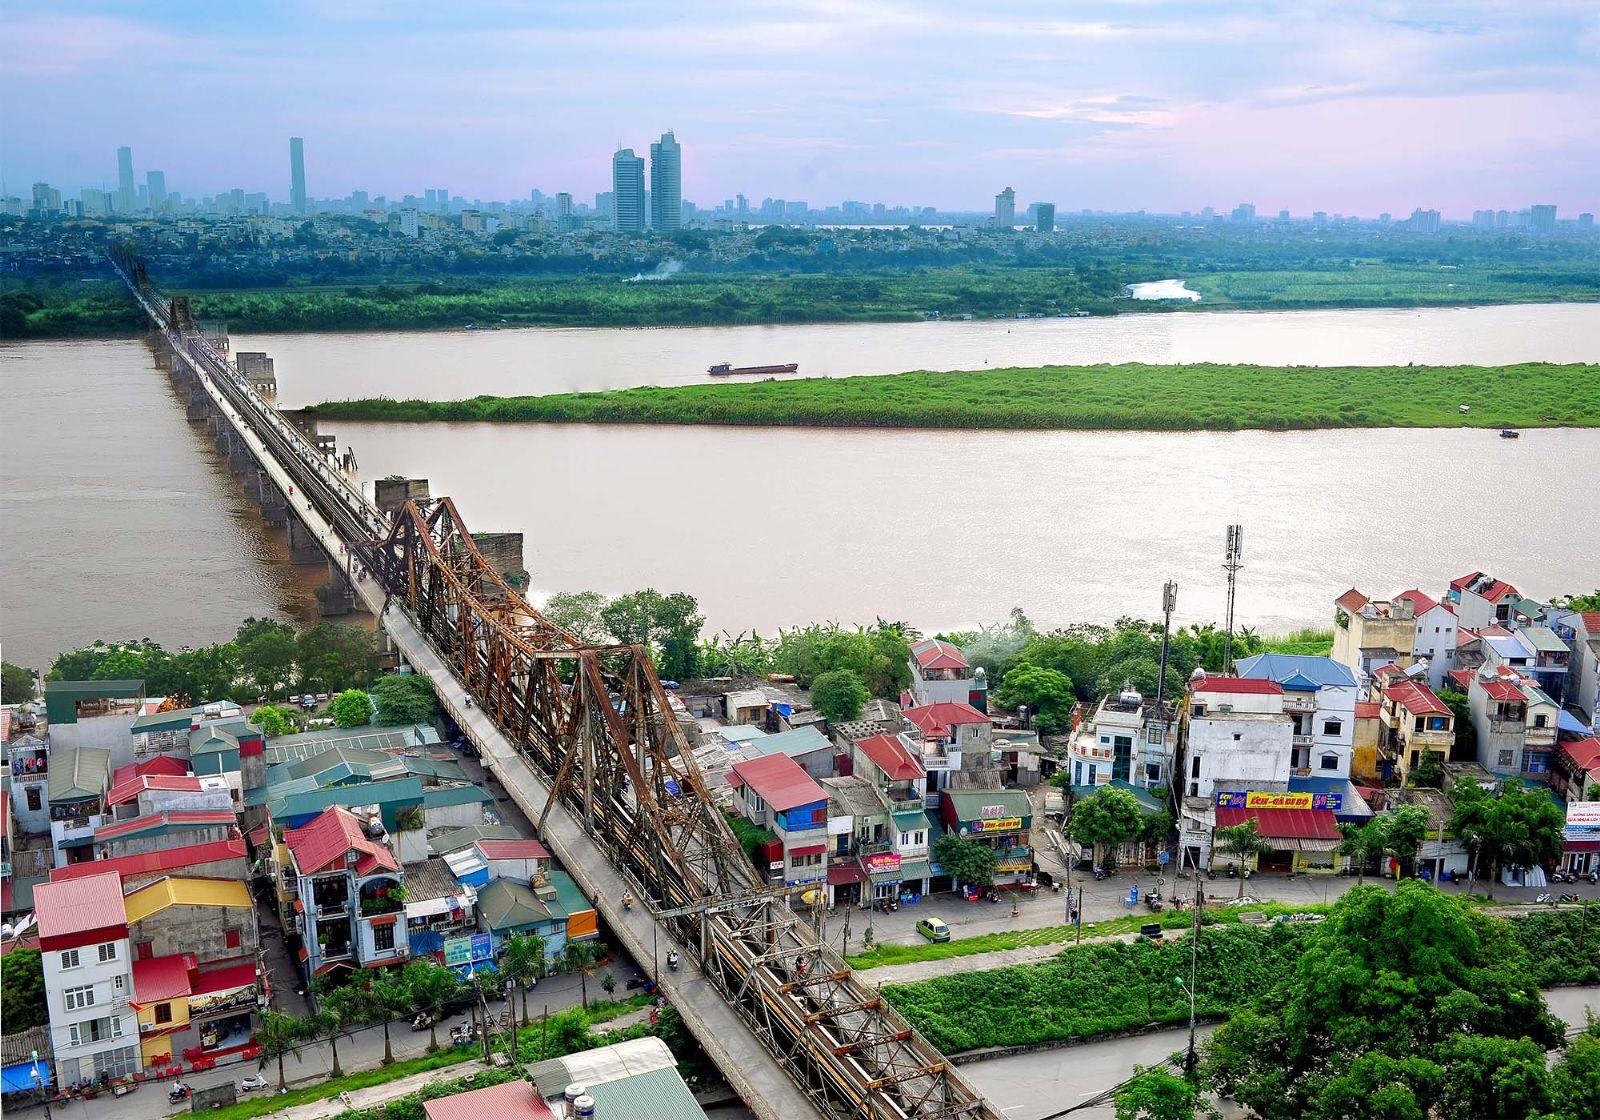 ship hàng nhanh từ quận Long Biên